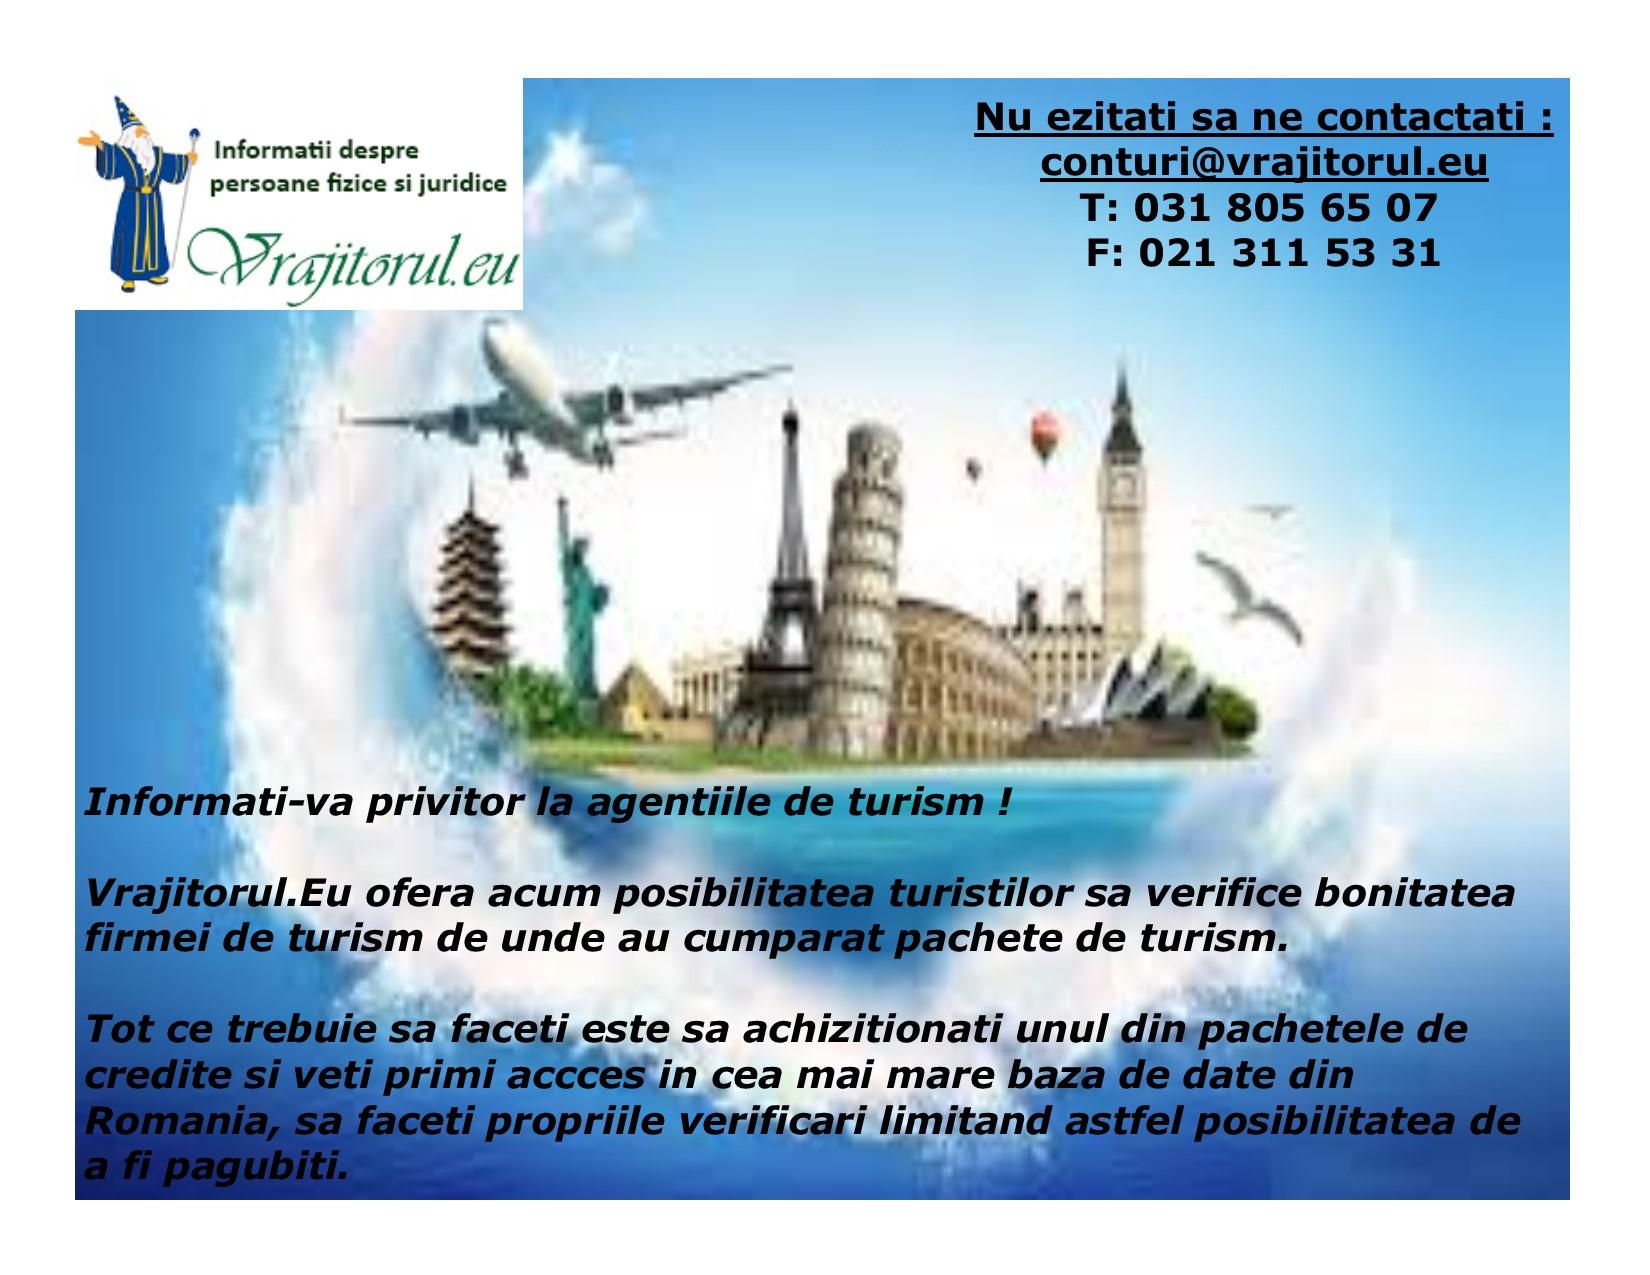 oferta pentru turism